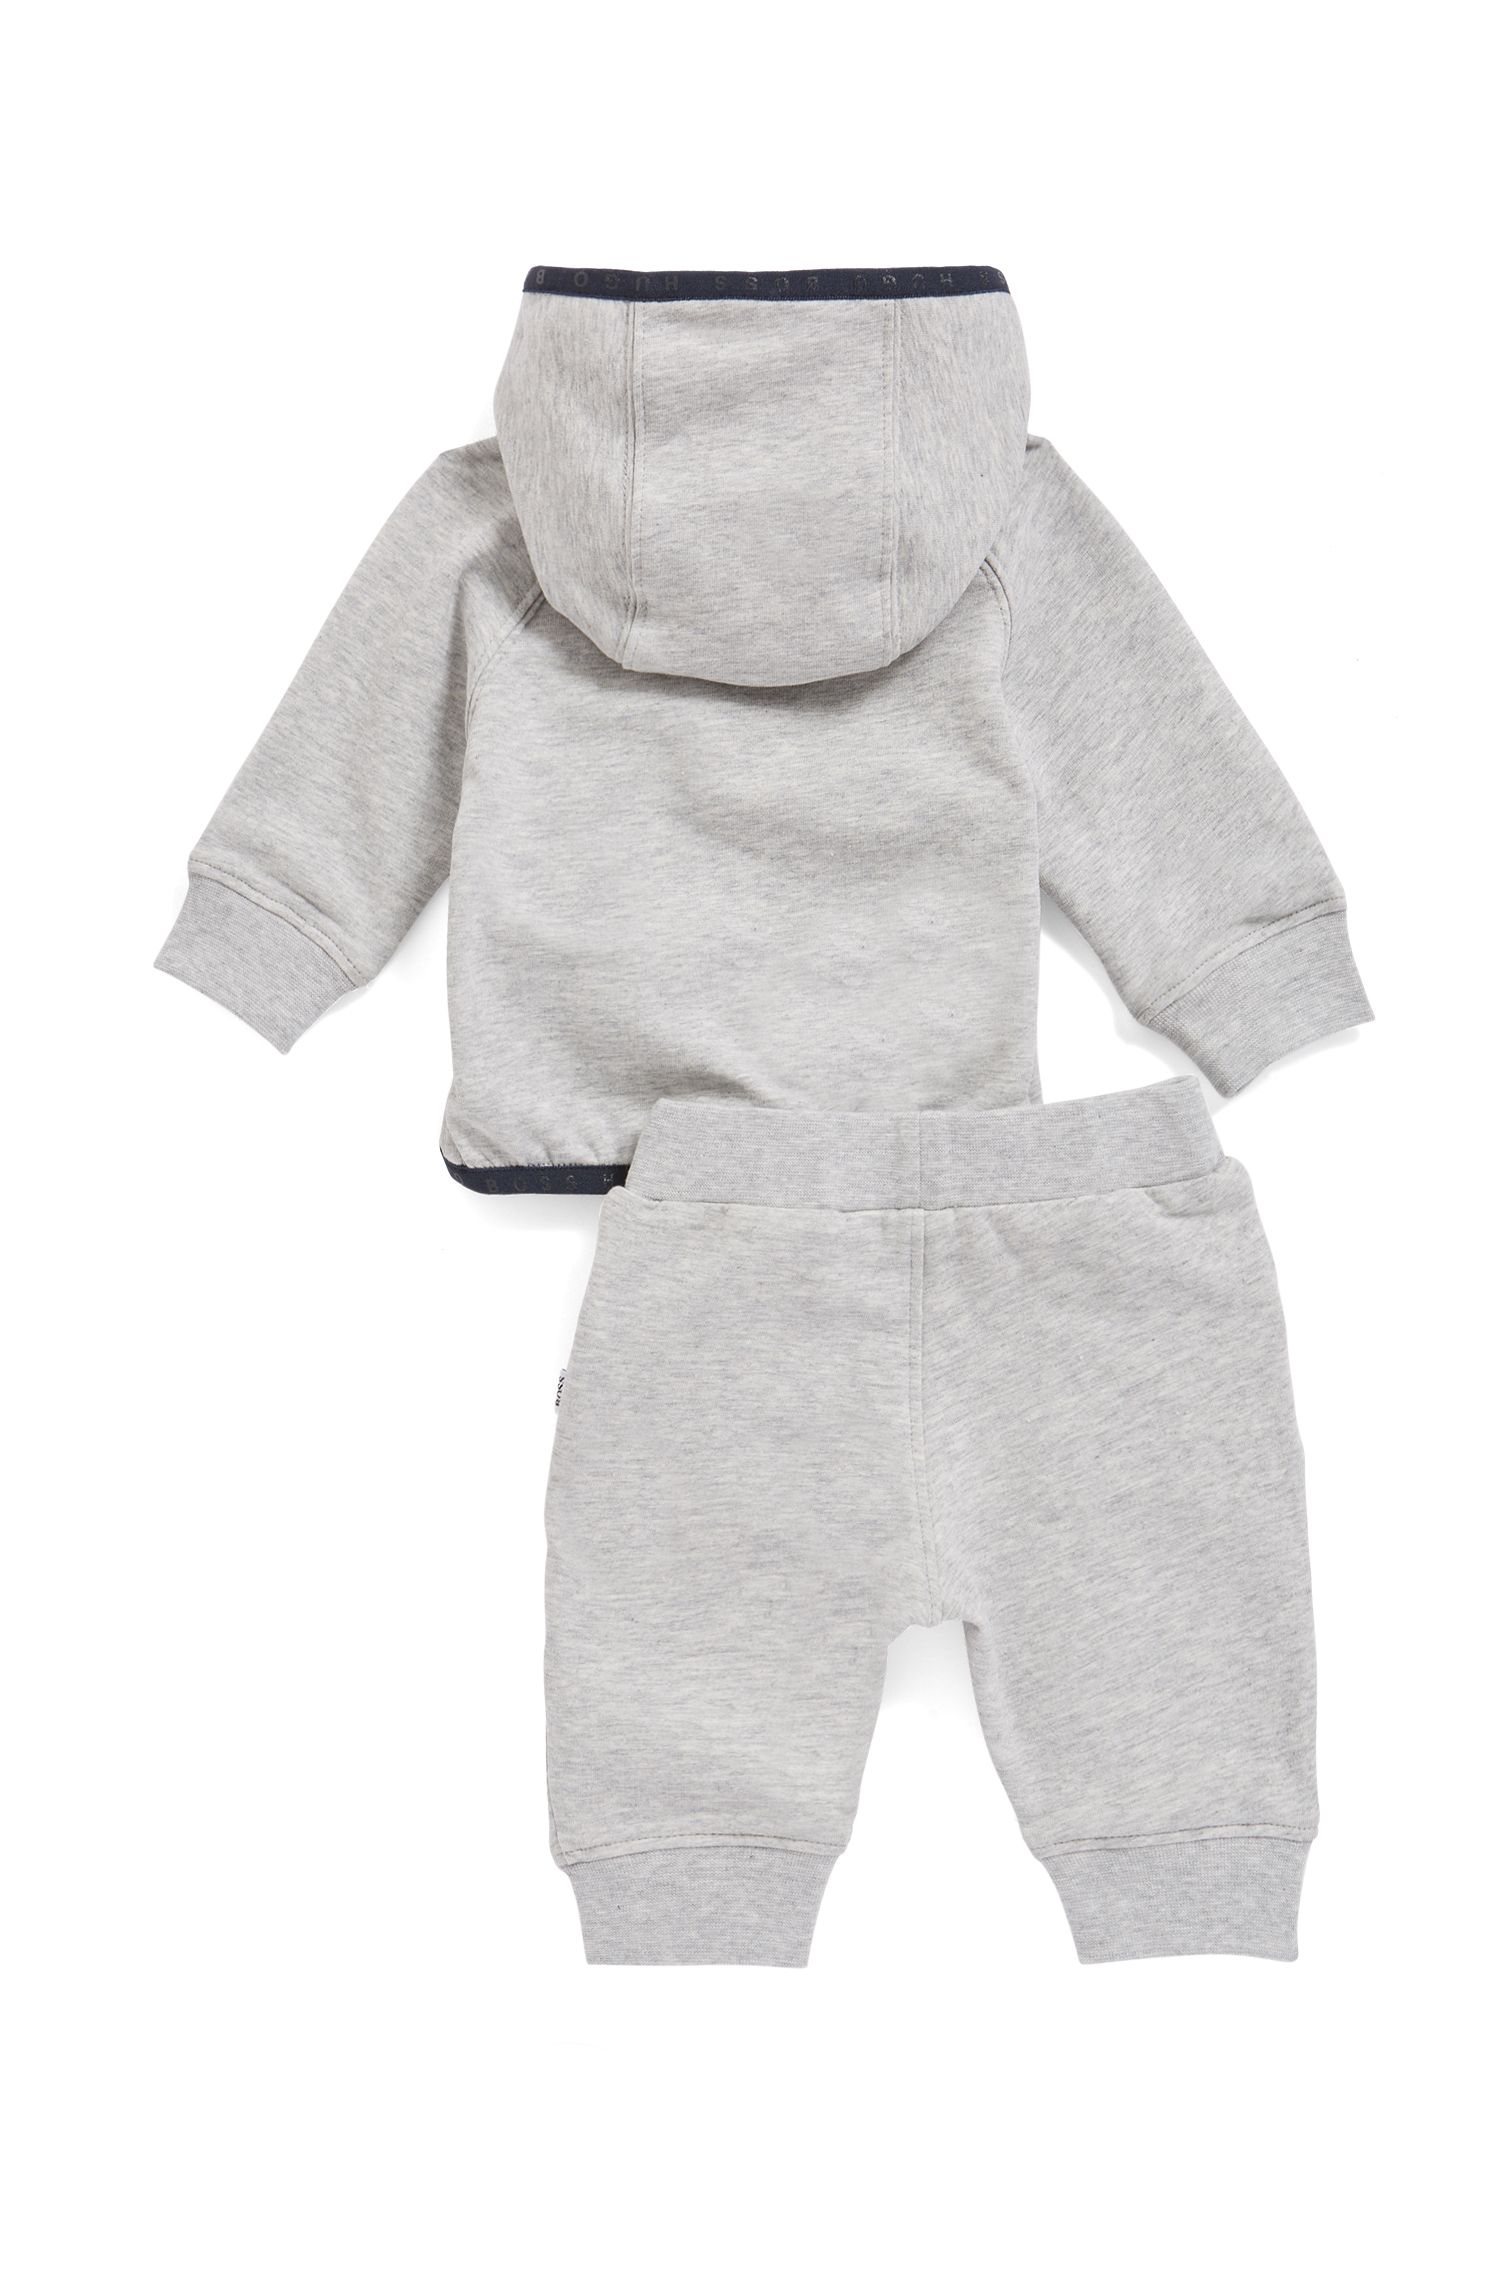 Survêtement à capuche pour bébé en molleton avec finitions contrastantes, Gris chiné